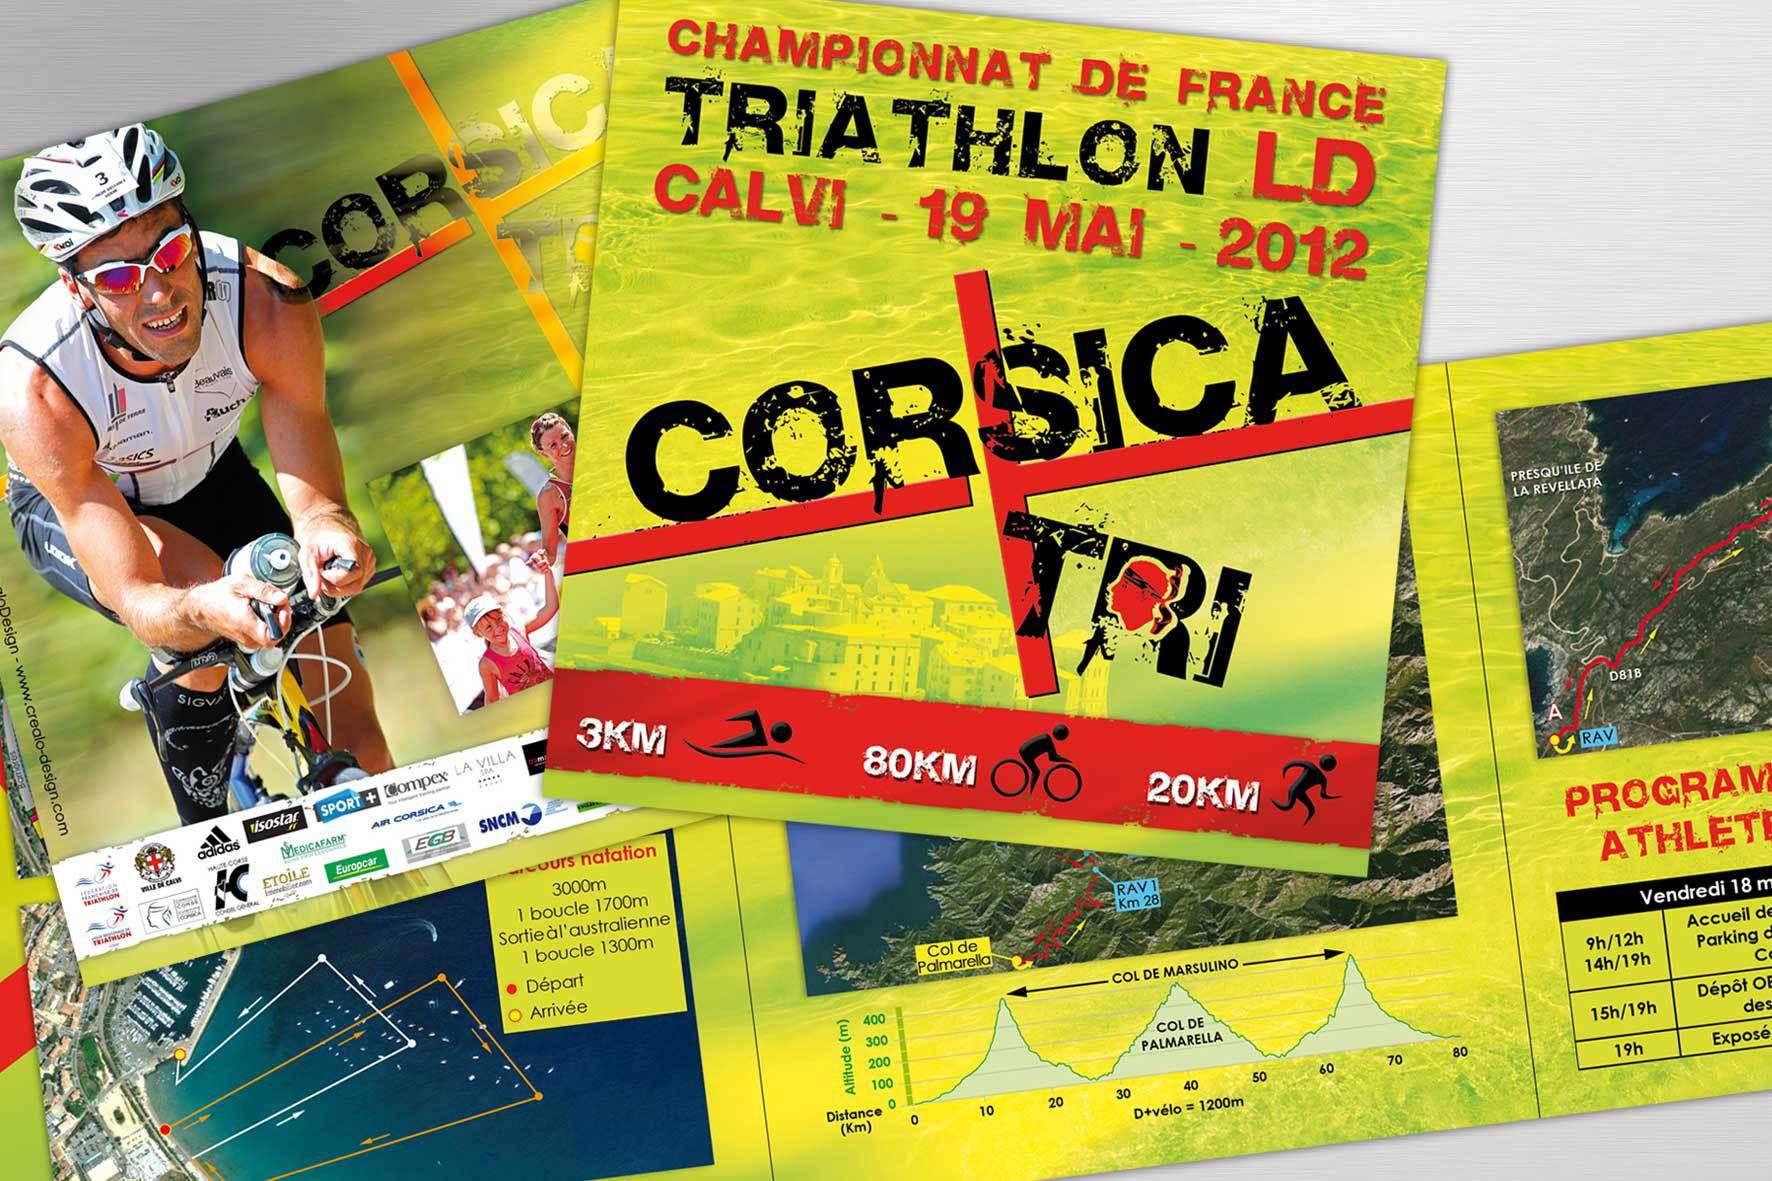 Ligue Corse de Triathlon